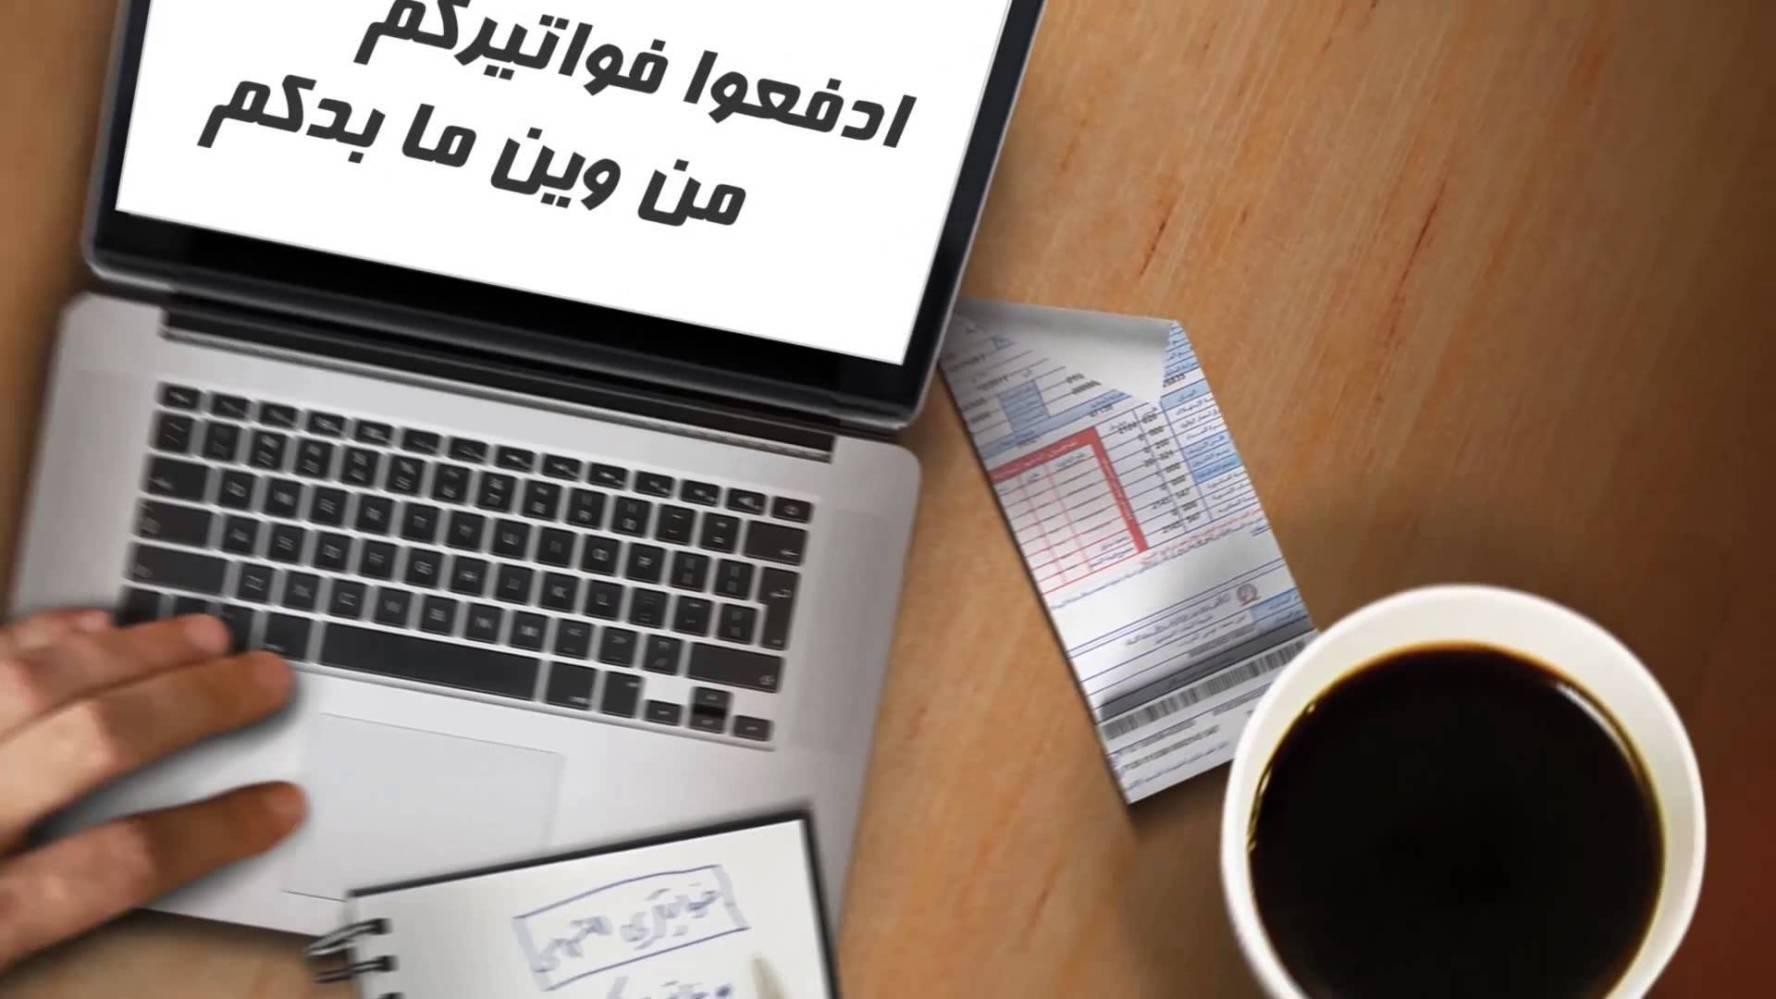 المركزي : تسديد اكثر من مليون فاتورة الكترونيا خلال الشهر الاول من 2019